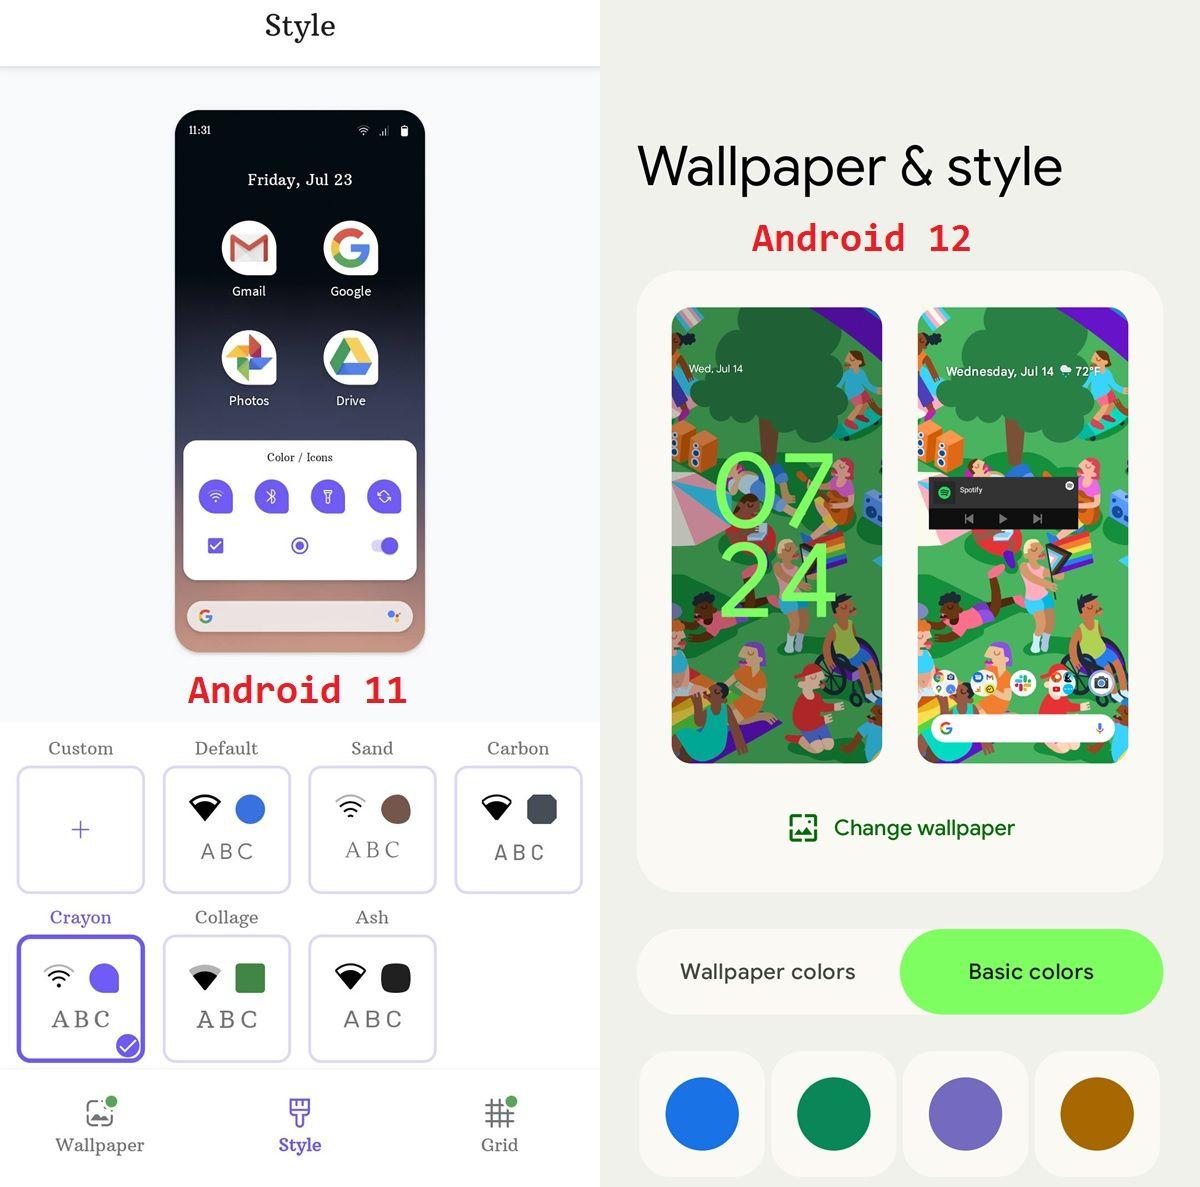 comparativa de personalizacion android 11 vs android 12